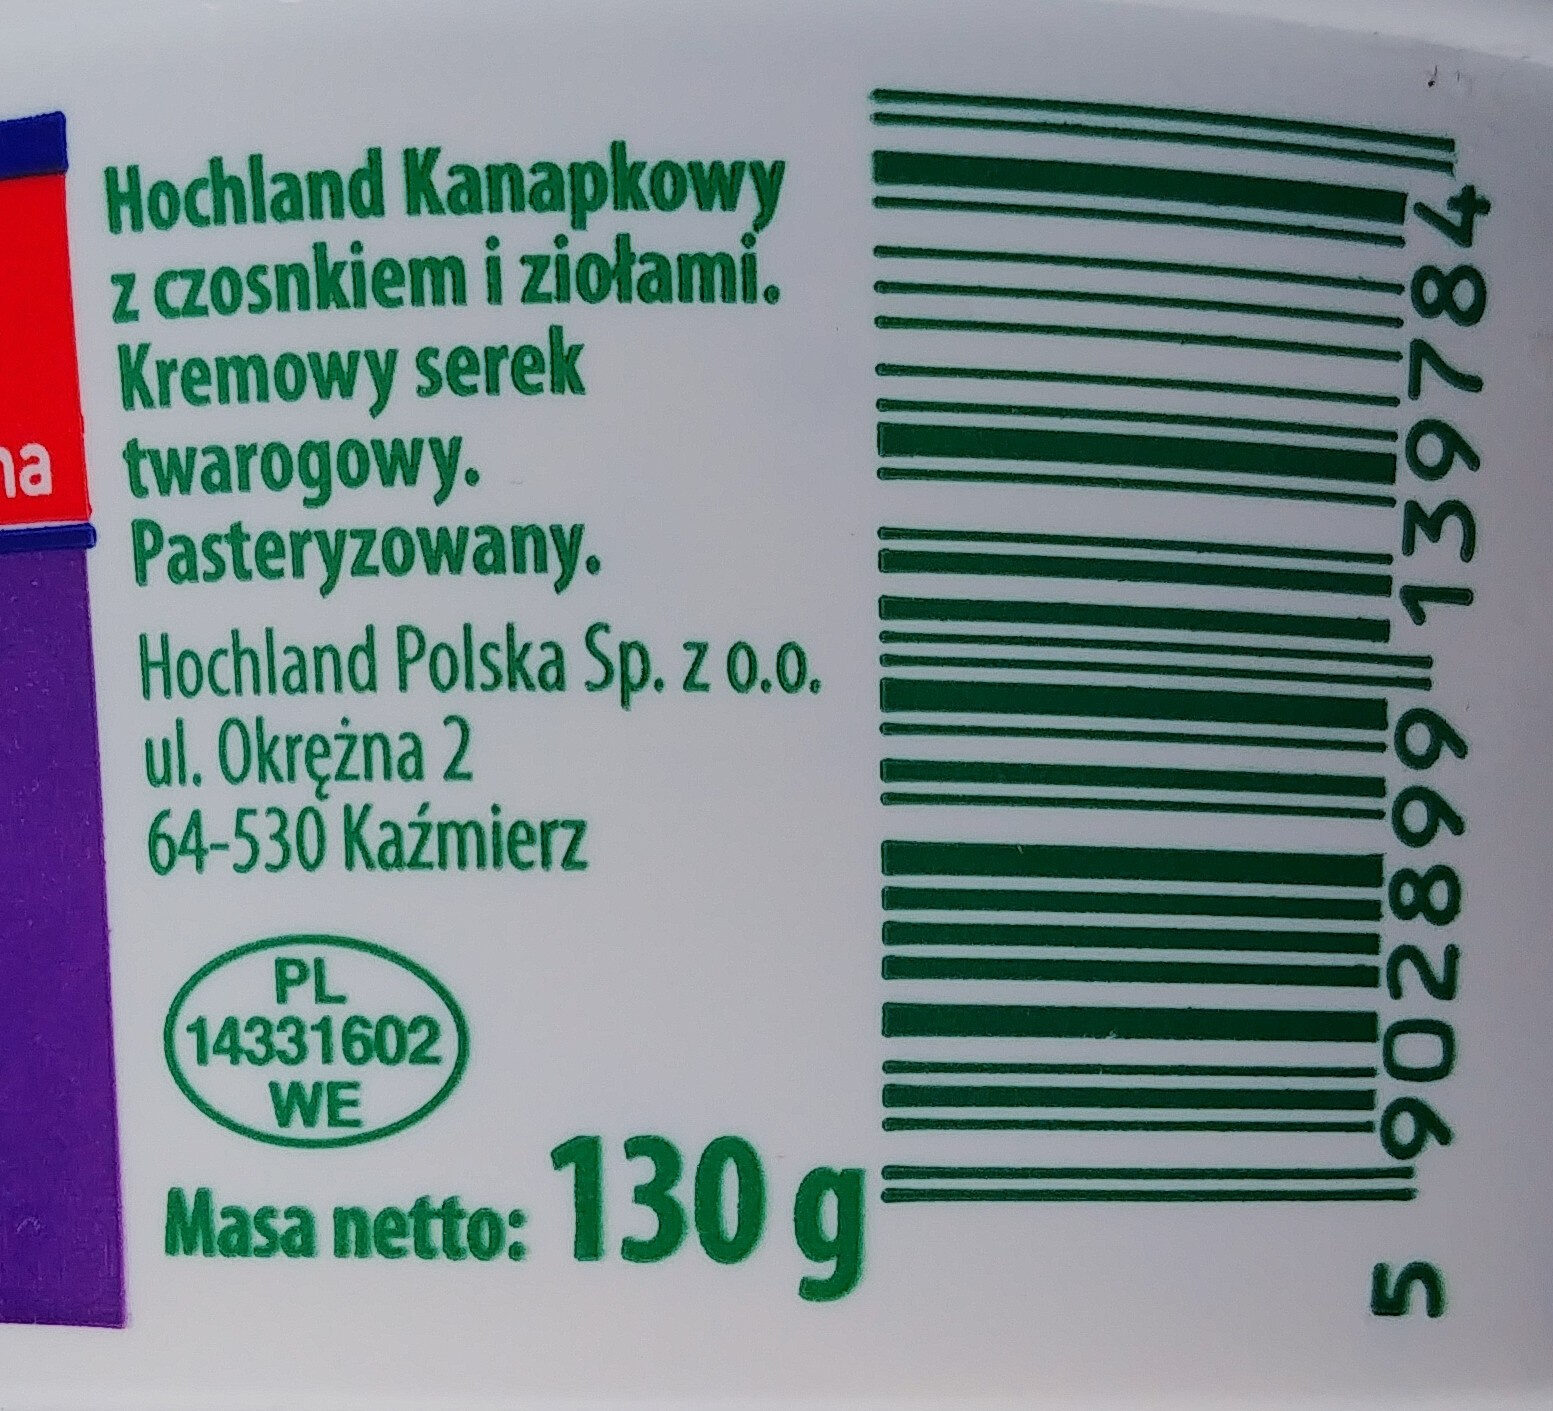 Serek twarogowy z czosnkiem i ziołami - Wartości odżywcze - pl